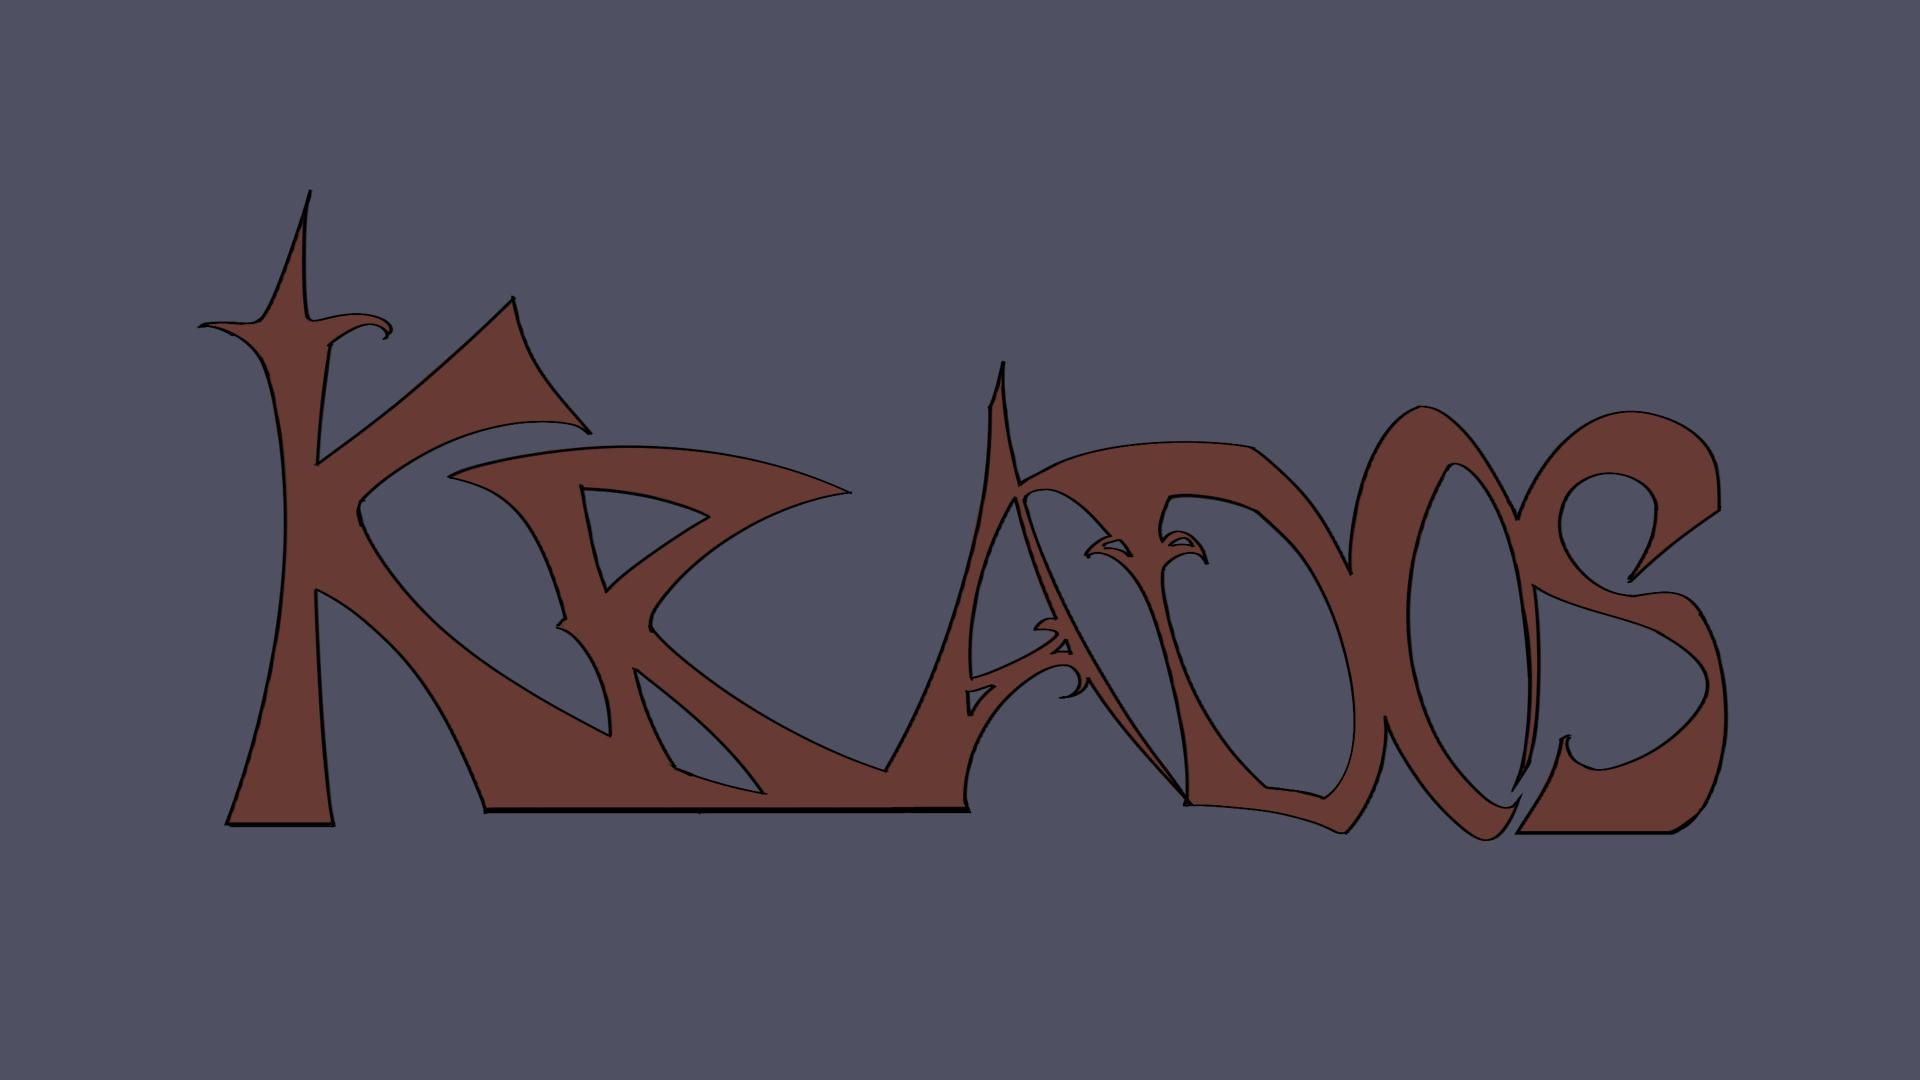 Krados